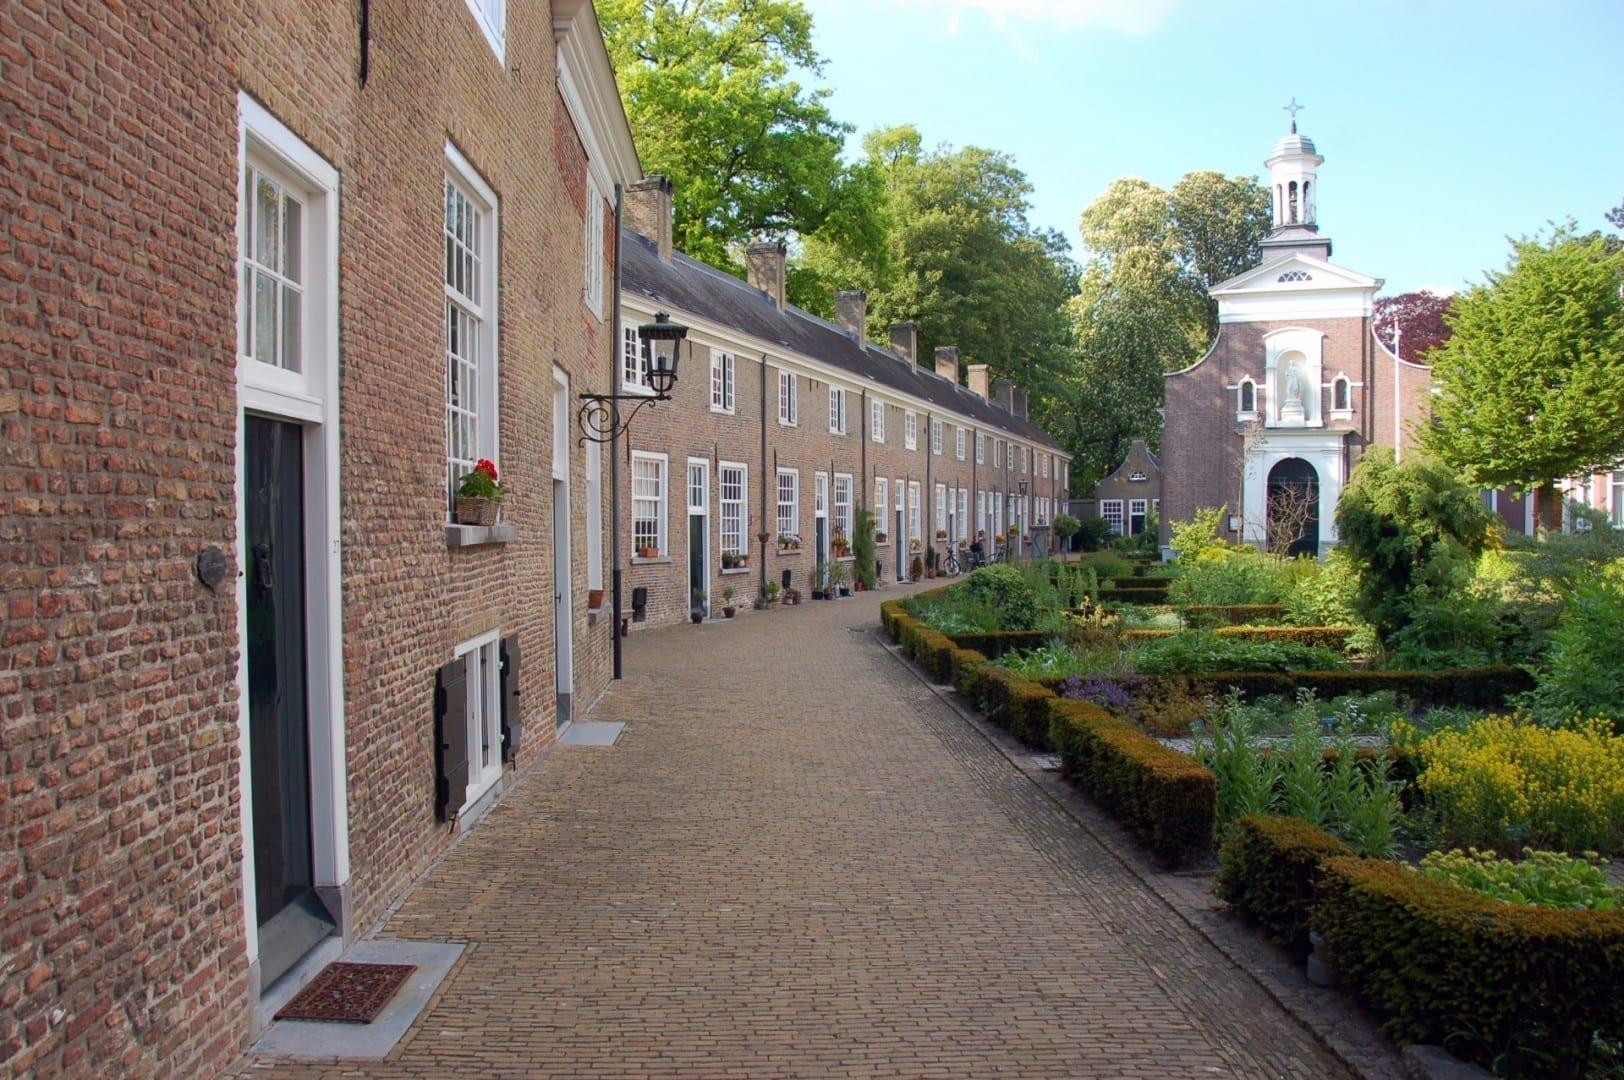 El Begijnhof es un lugar tranquilo, como lo era hace 100 años. Breda Países Bajos